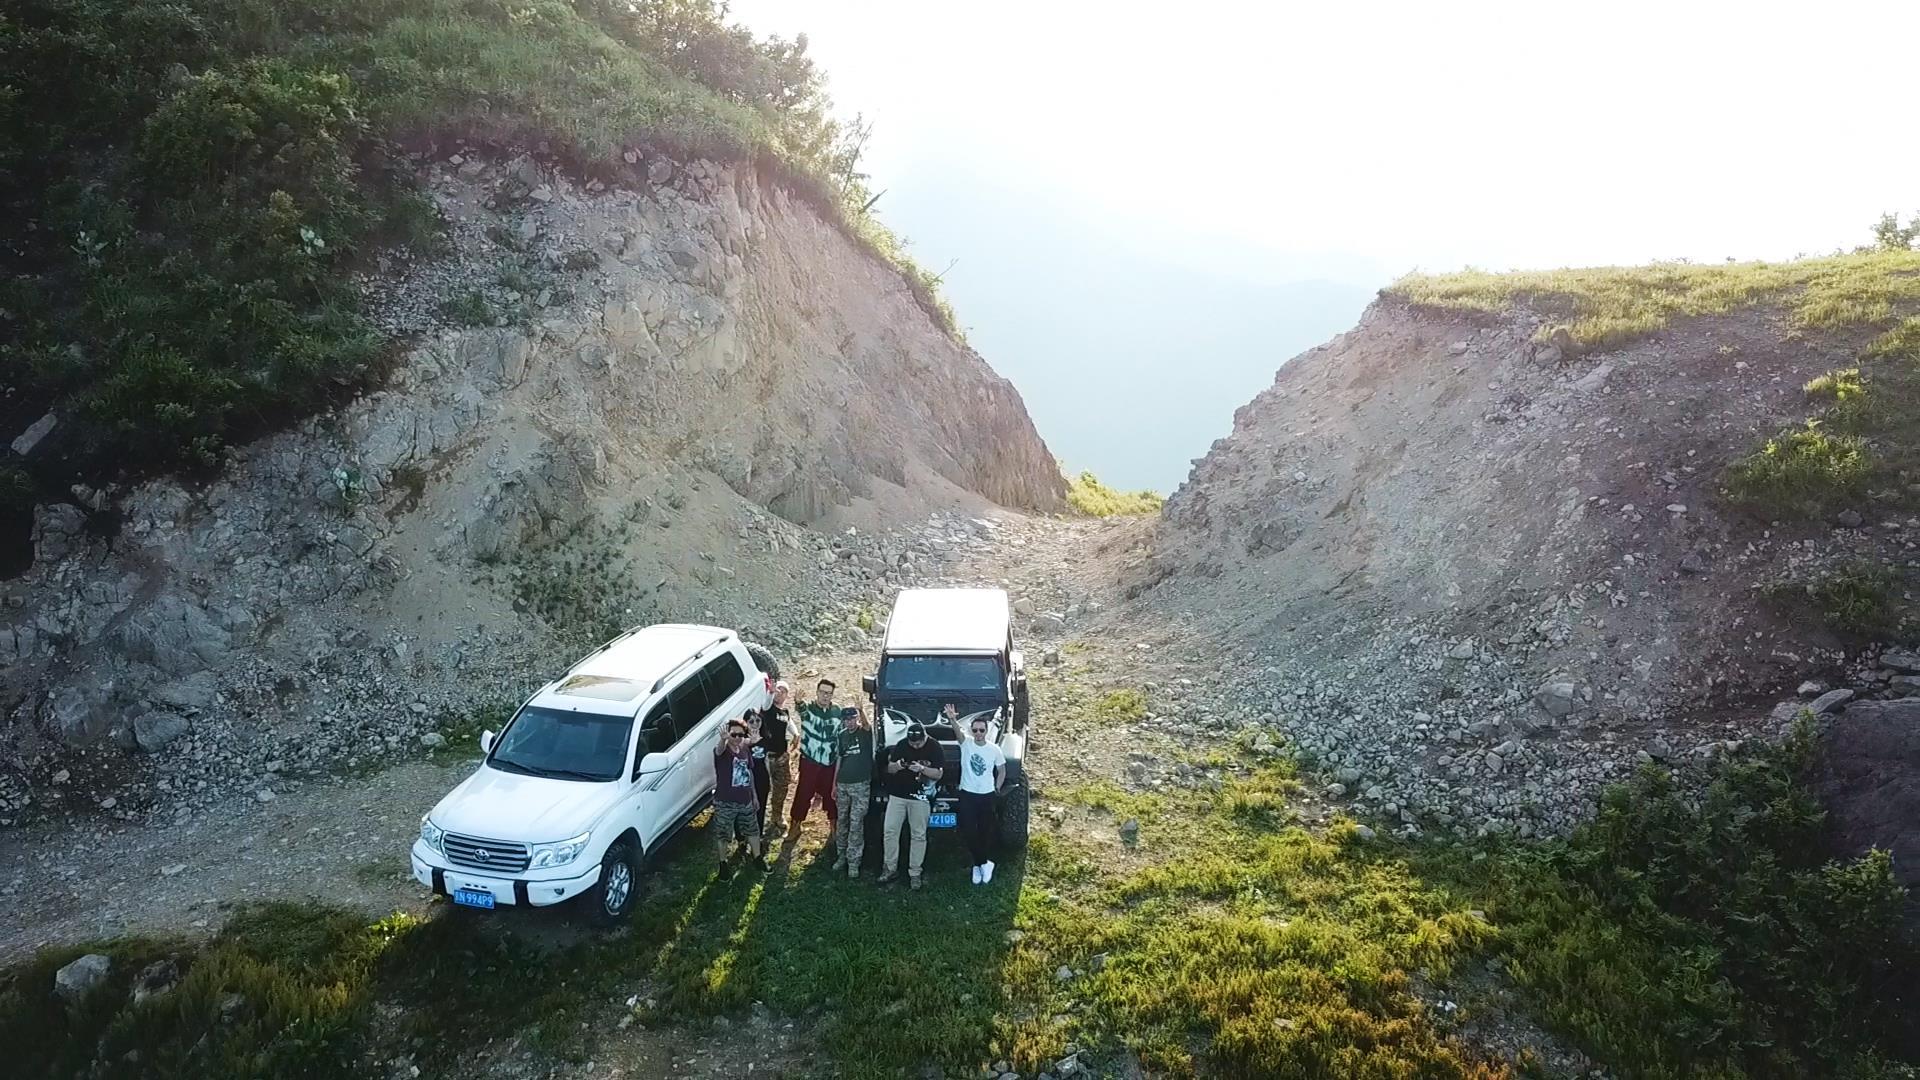 去野:感受山间的峻险,安徽宁国铁匠山穿越之旅